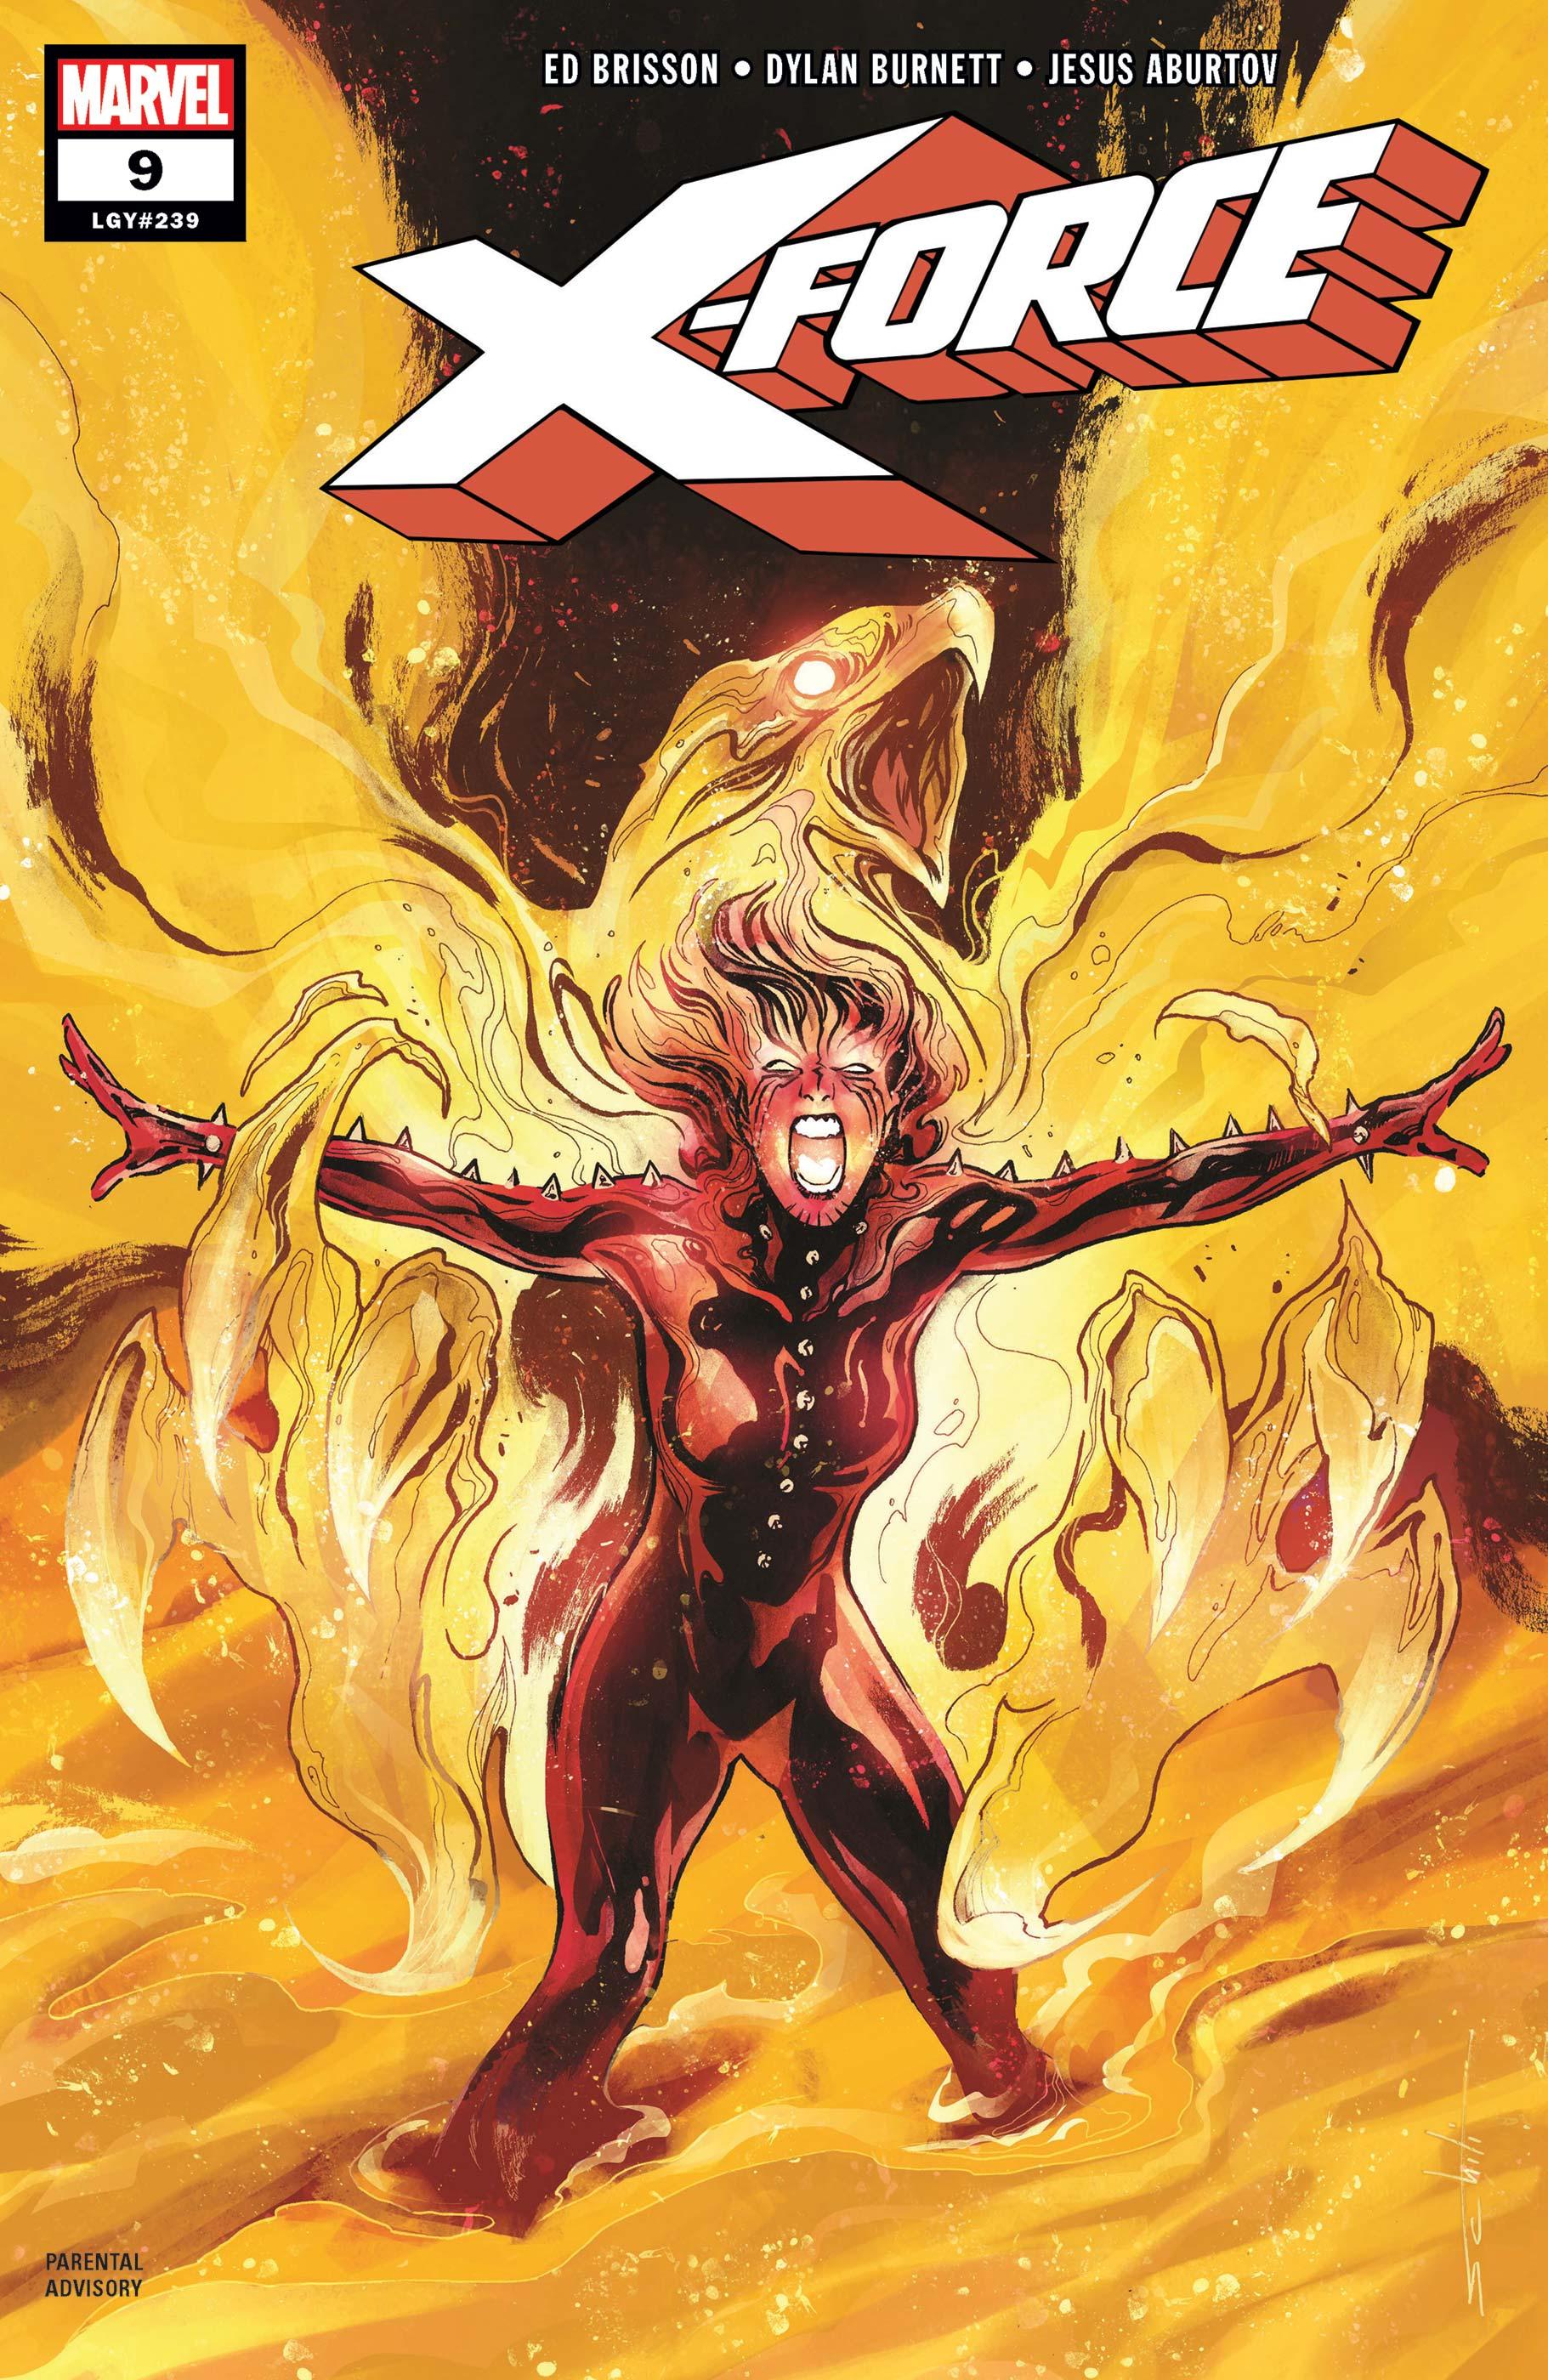 X-Force (2018) #9